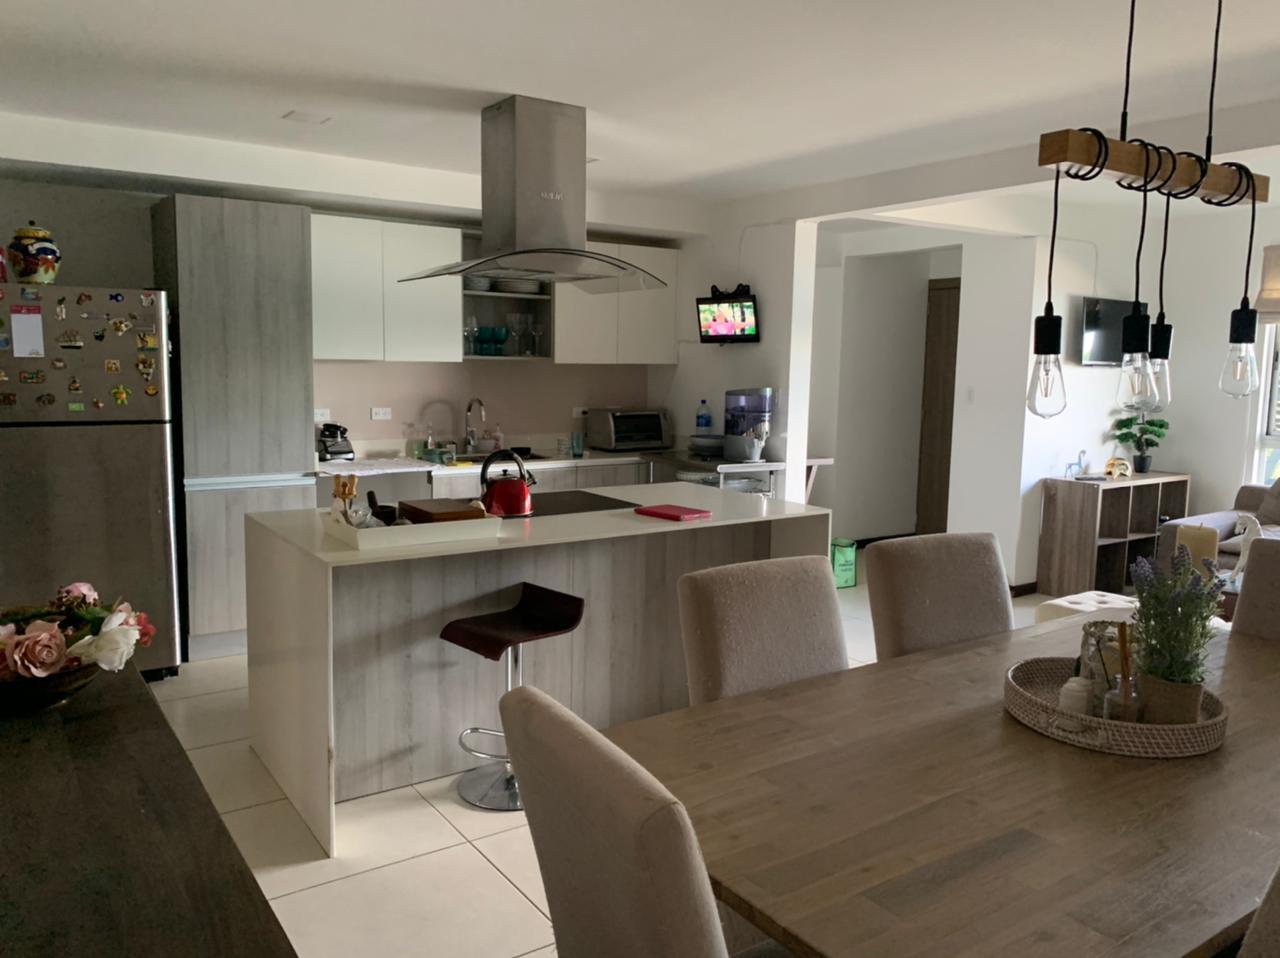 Venta de apartamento en condominio ubicado en Escazú